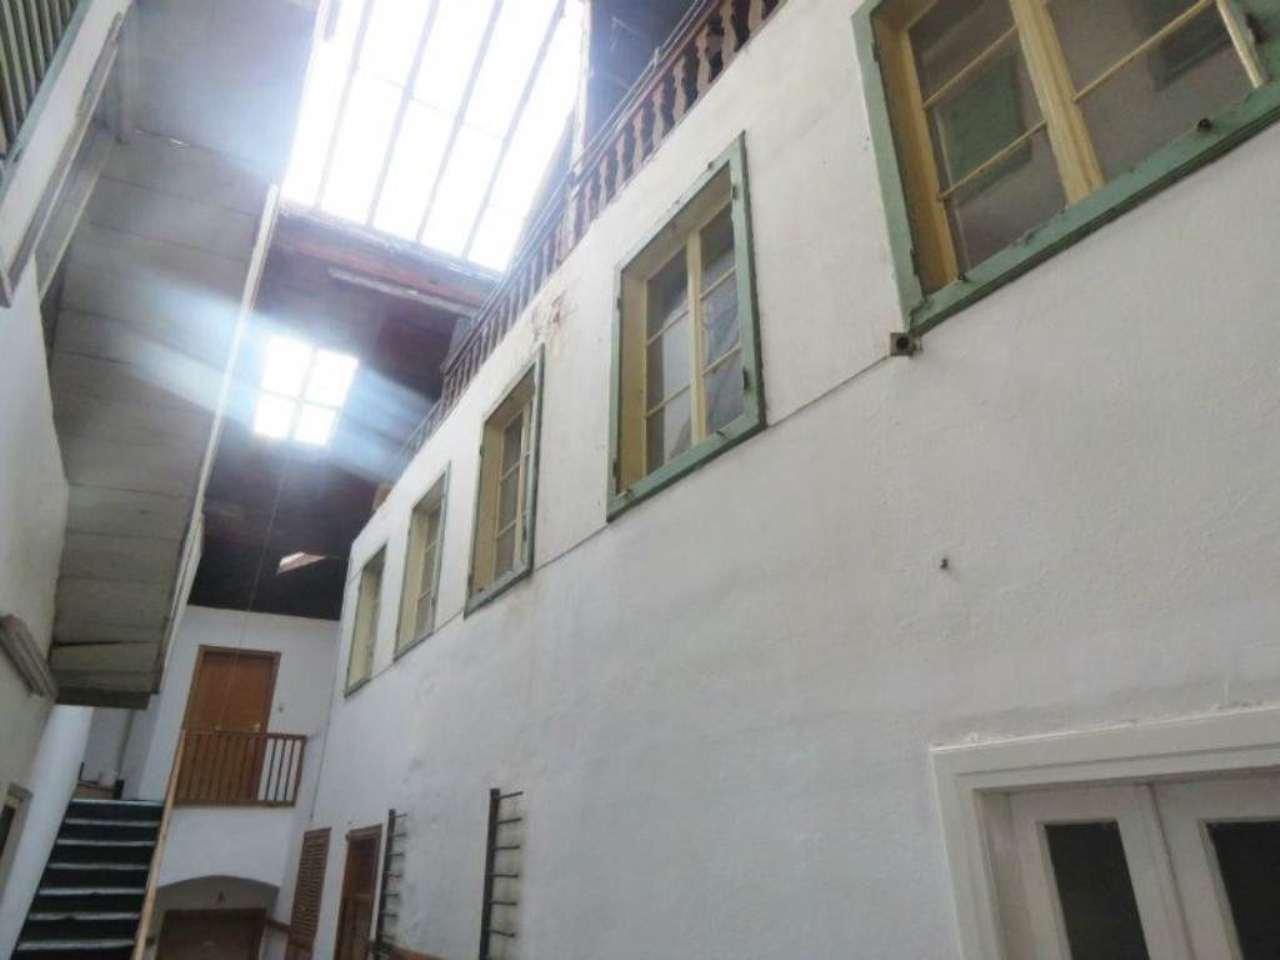 Immobile Commerciale in vendita a Merano, 9999 locali, Trattative riservate   Cambio Casa.it